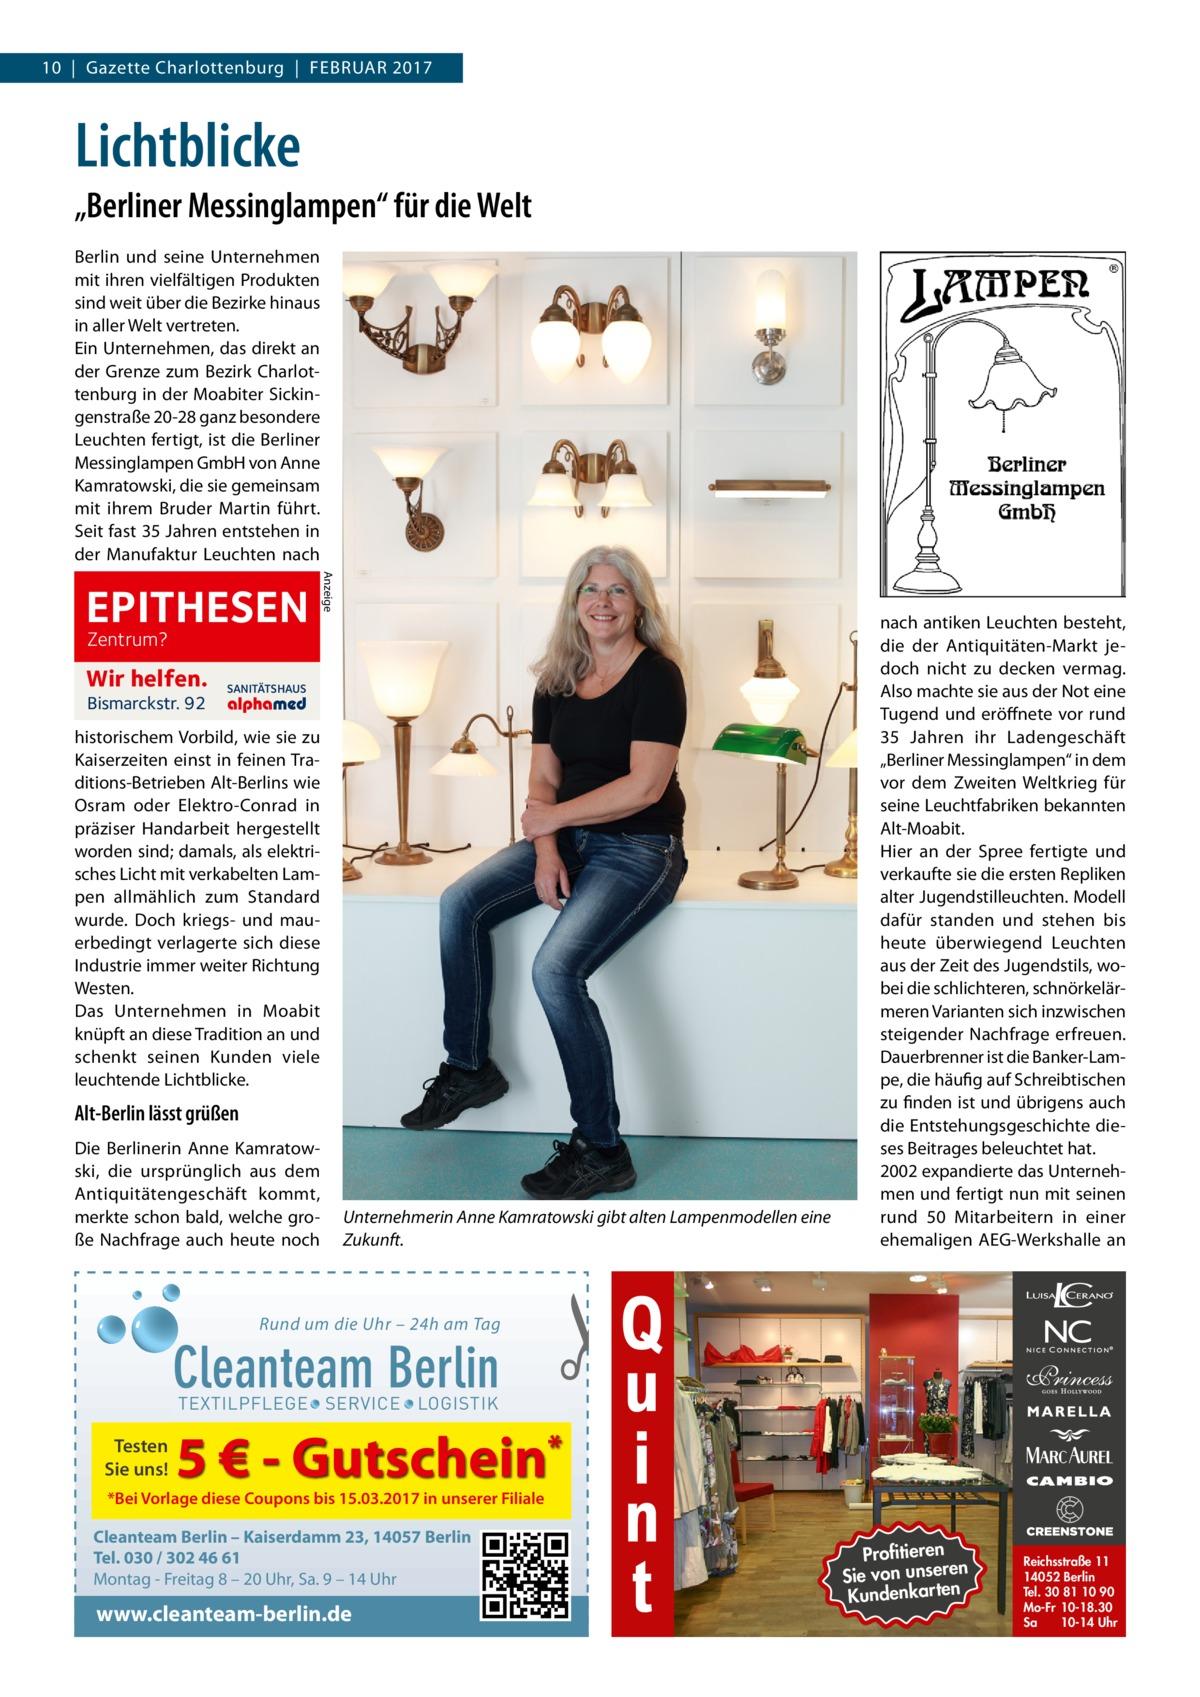 """10 Gazette Charlottenburg Februar 2017  Lichtblicke """"Berliner Messinglampen"""" für die Welt berlin und seine unternehmen mit ihren vielfältigen Produkten sind weit über die bezirke hinaus in aller Welt vertreten. ein unternehmen, das direkt an der Grenze zum bezirk Charlottenburg in der Moabiter Sickingenstraße20-28 ganz besondere Leuchten fertigt, ist die berliner Messinglampen GmbH von anne Kamratowski, die sie gemeinsam mit ihrem bruder Martin führt. Seit fast 35Jahren entstehen in der Manufaktur Leuchten nach Anzeige  EPITHESEN Zentrum?  Wir helfen. Bismarckstr. 92  SANITÄTSHAUS  historischem Vorbild, wie sie zu Kaiserzeiten einst in feinen Traditions-betrieben alt-berlins wie Osram oder elektro-Conrad in präziser Handarbeit hergestellt worden sind; damals, als elektrisches Licht mit verkabelten Lampen allmählich zum Standard wurde. Doch kriegs- und mauerbedingt verlagerte sich diese Industrie immer weiter richtung Westen. Das unternehmen in Moabit knüpft an diese Tradition an und schenkt seinen Kunden viele leuchtende Lichtblicke.  Alt-Berlin lässt grüßen Die berlinerin anne Kamratowski, die ursprünglich aus dem antiquitätengeschäft kommt, merkte schon bald, welche große Nachfrage auch heute noch  Unternehmerin Anne Kamratowski gibt alten Lampenmodellen eine Zukunft.  Rund um die Uhr – 24h am Tag  Cleanteam Berlin  nach antiken Leuchten besteht, die der antiquitäten-Markt jedoch nicht zu decken vermag. also machte sie aus der Not eine Tugend und eröffnete vor rund 35 Jahren ihr Ladengeschäft """"berliner Messinglampen"""" in dem vor dem Zweiten Weltkrieg für seine Leuchtfabriken bekannten alt-Moabit. Hier an der Spree fertigte und verkaufte sie die ersten repliken alter Jugendstilleuchten. Modell dafür standen und stehen bis heute überwiegend Leuchten aus der Zeit des Jugendstils, wobei die schlichteren, schnörkelärmeren Varianten sich inzwischen steigender Nachfrage erfreuen. Dauerbrenner ist die banker-Lampe, die häufig auf Schreibtischen zu finden ist und übrigens a"""